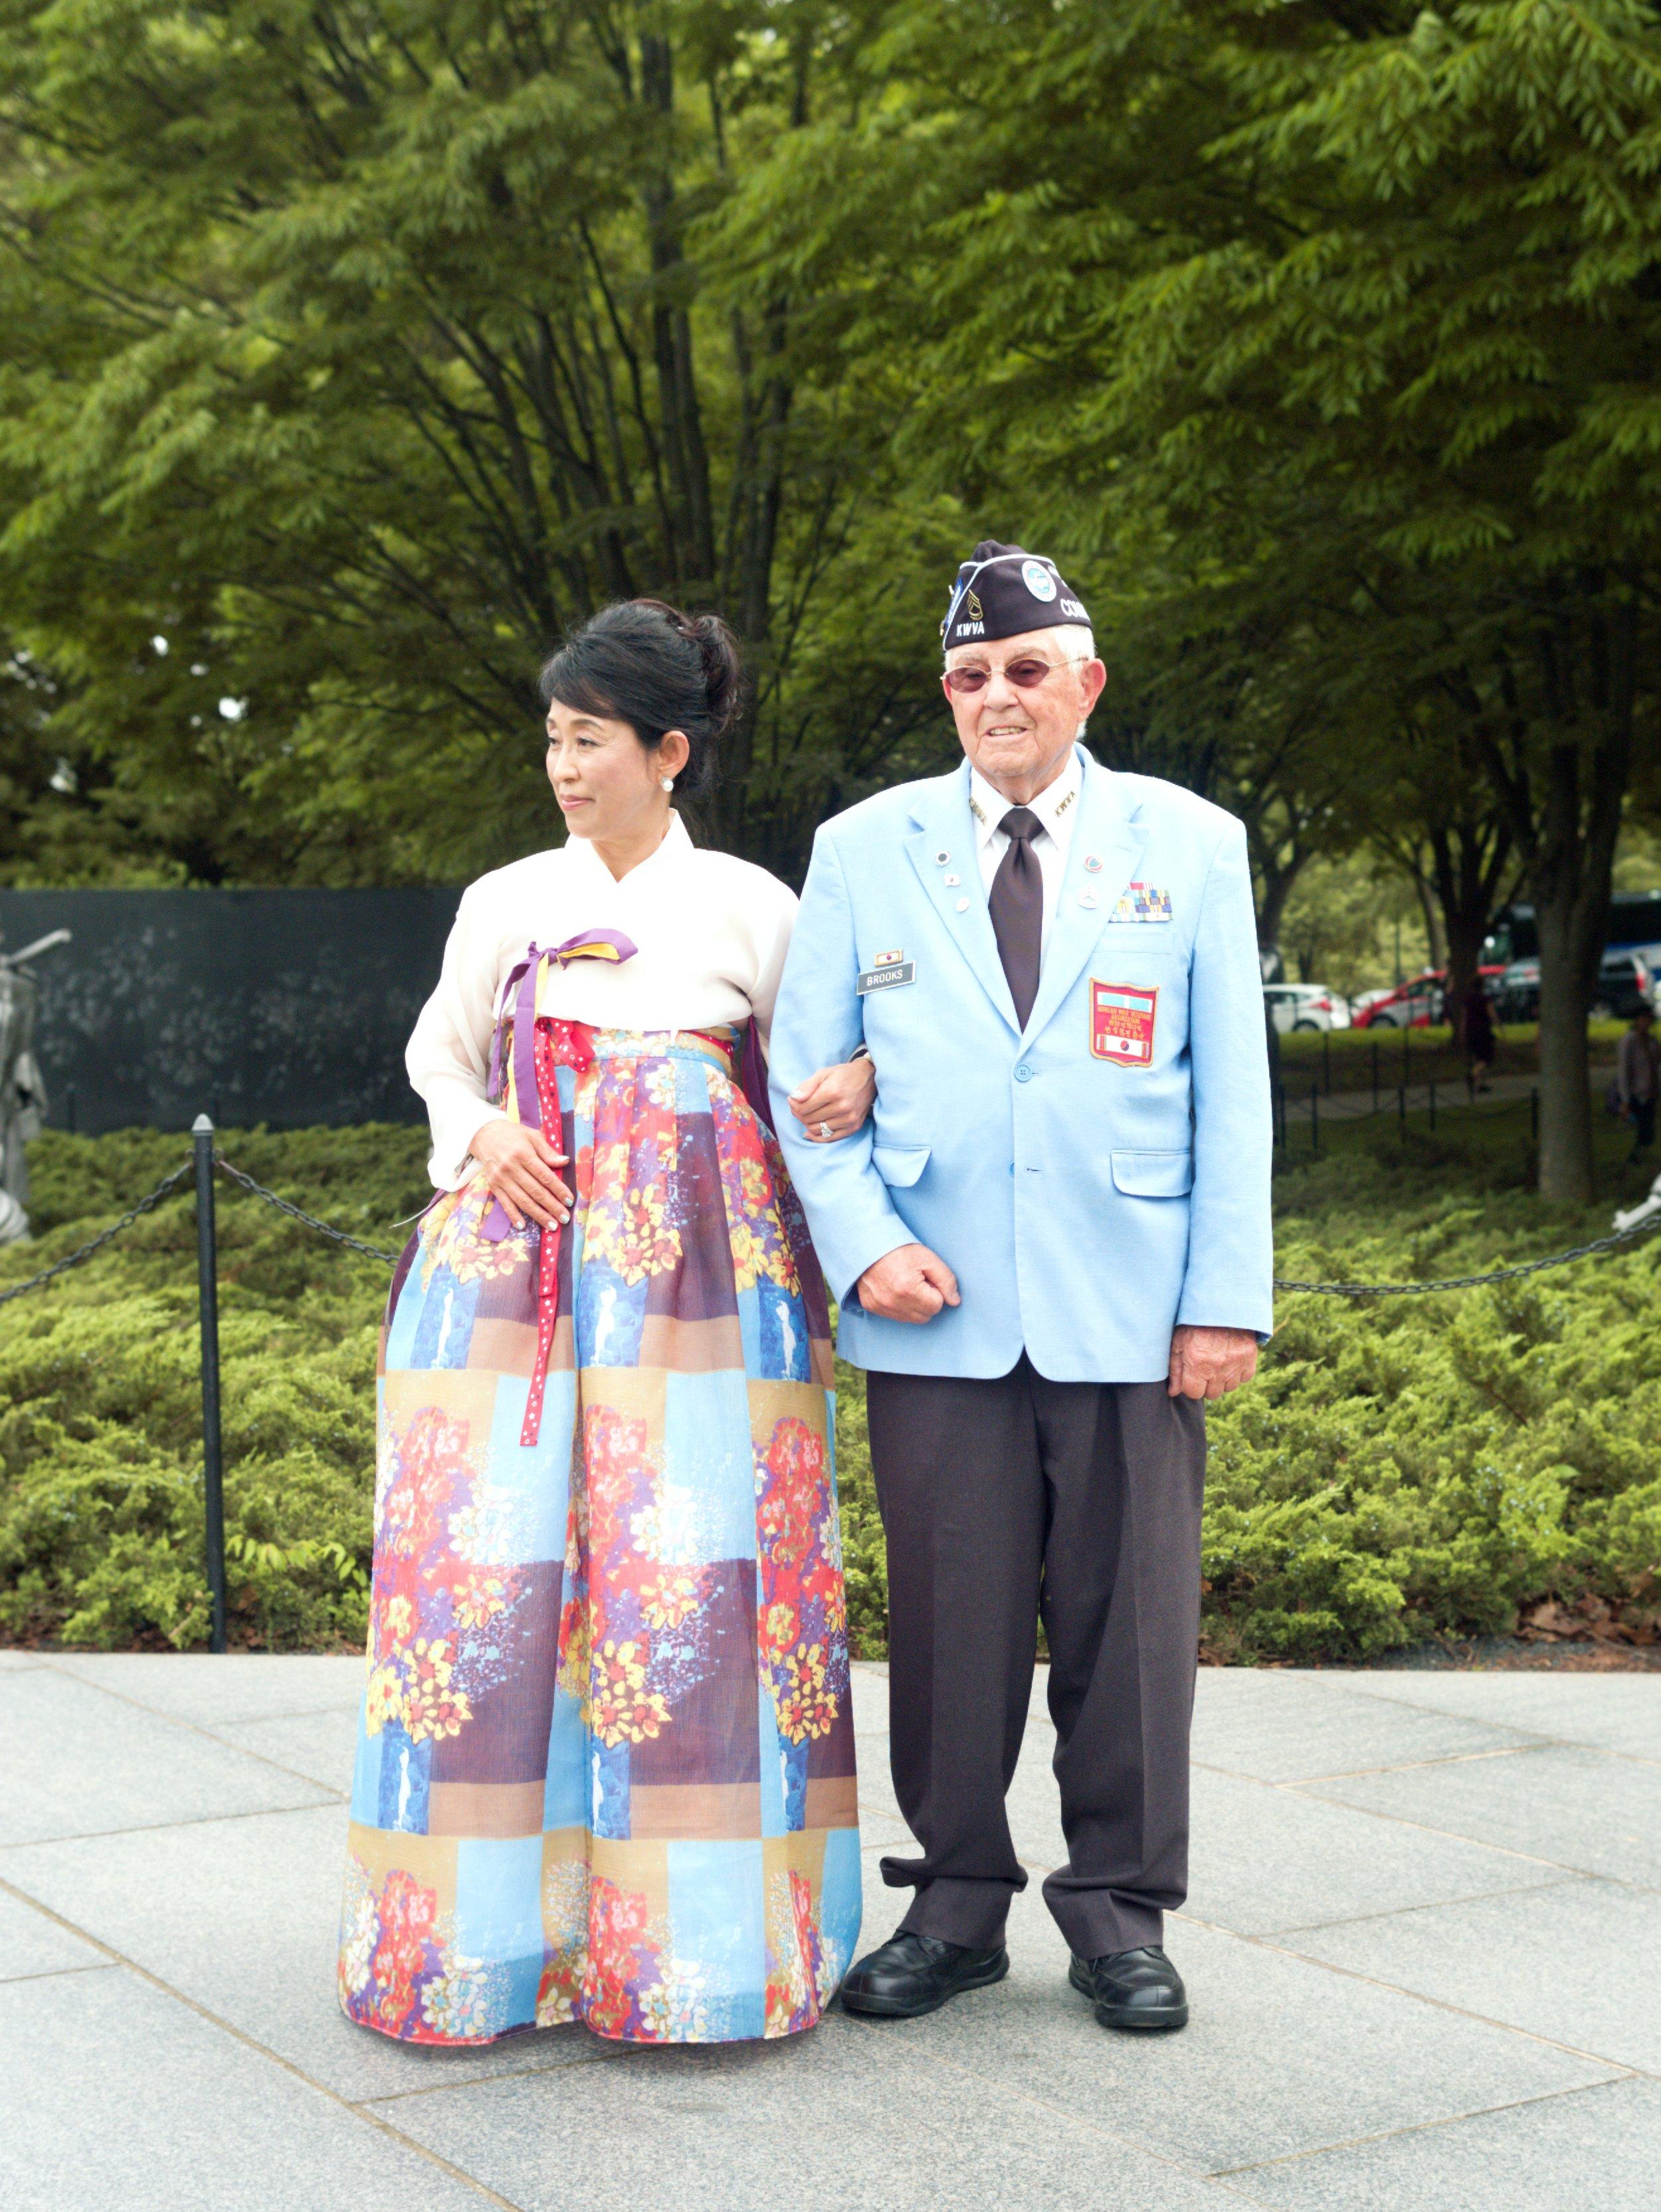 Memorial Program at the Korean War Memorial